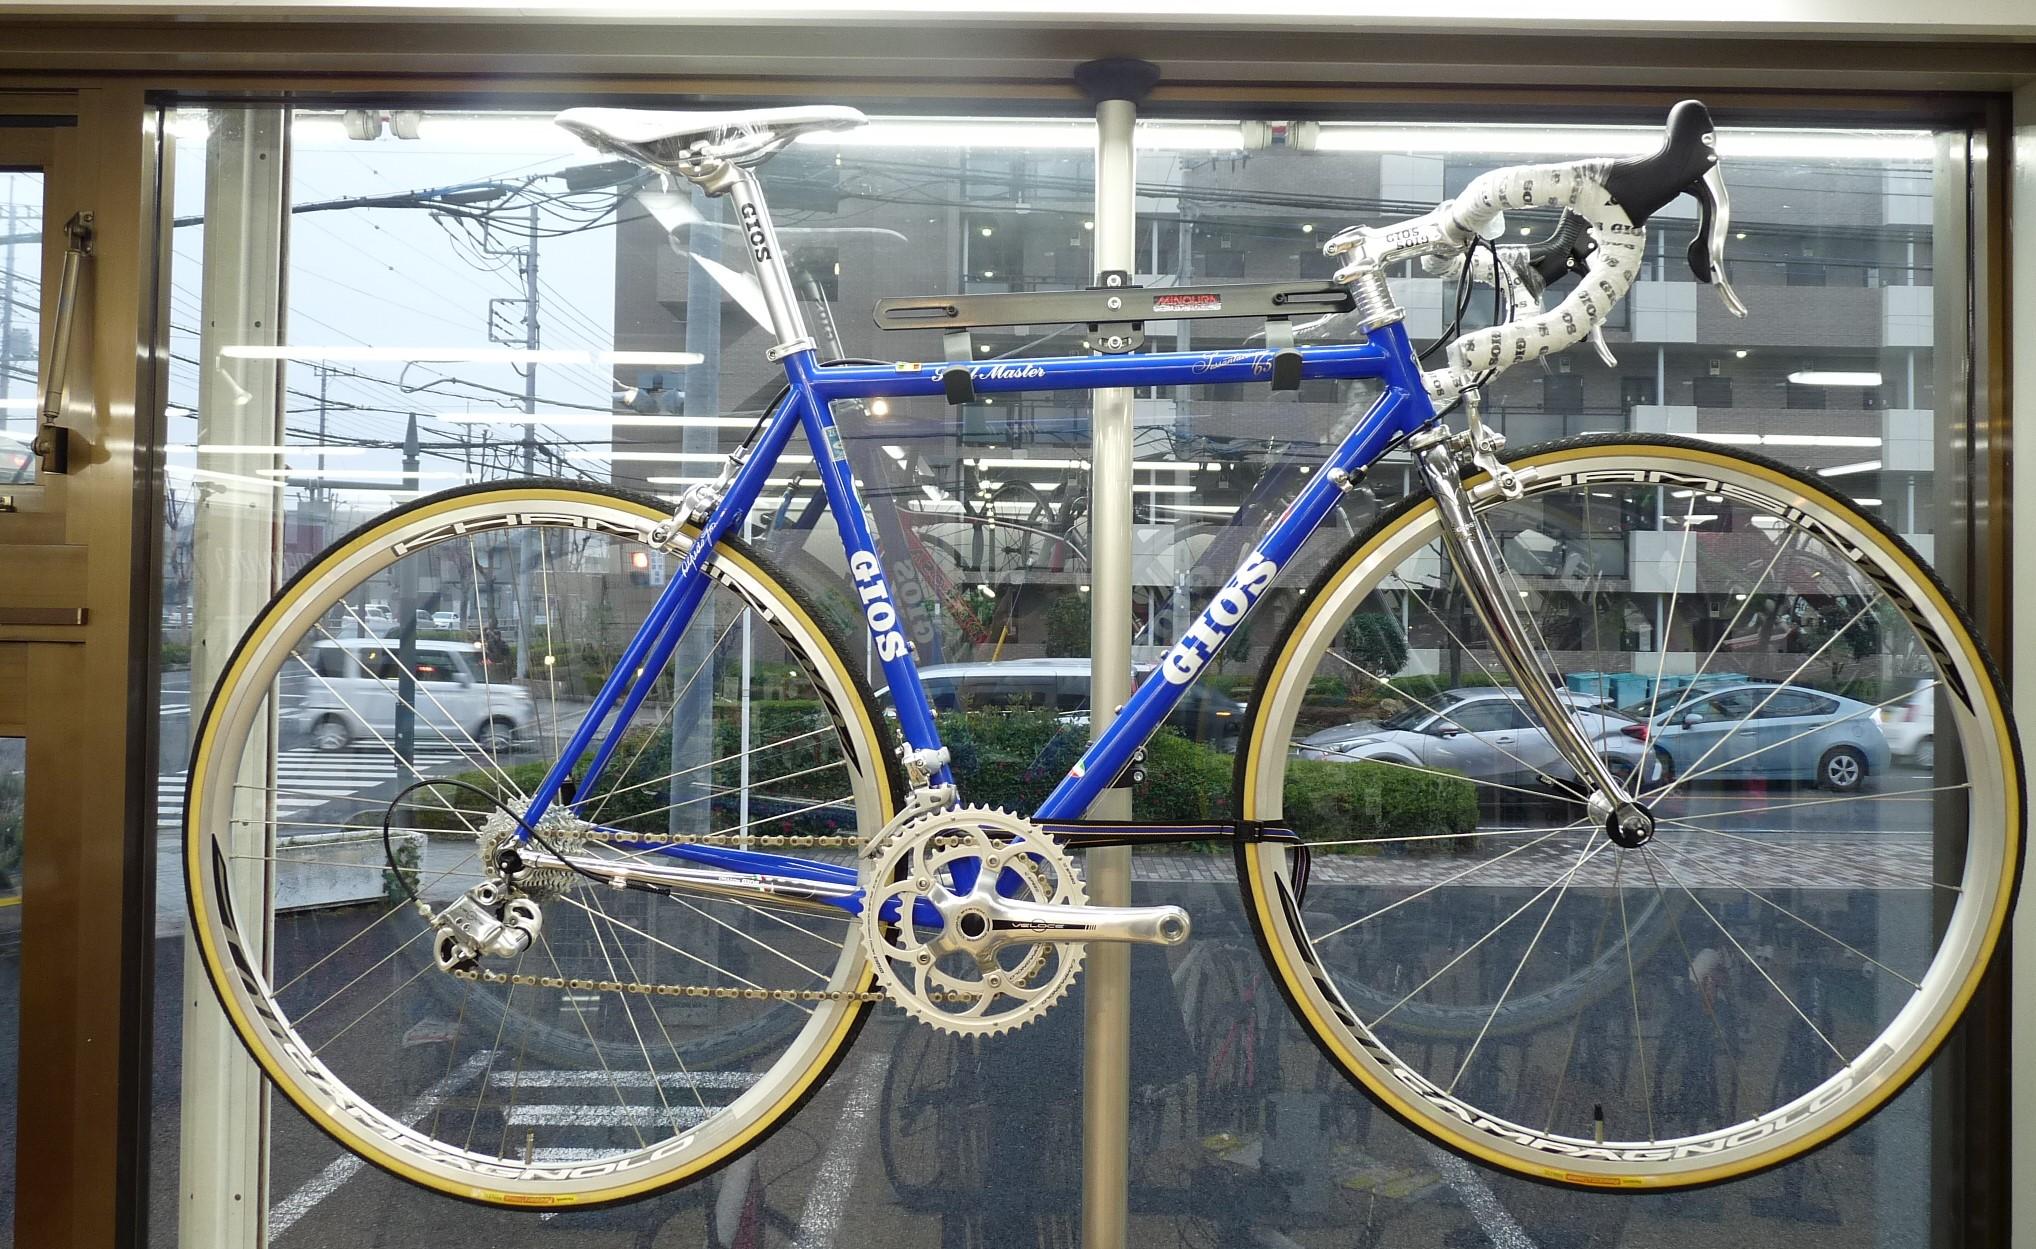 ふじみ野店特価情報‼ 記念モデルのこのバイクも?! GIOS STEELMASTER 特価セールです!